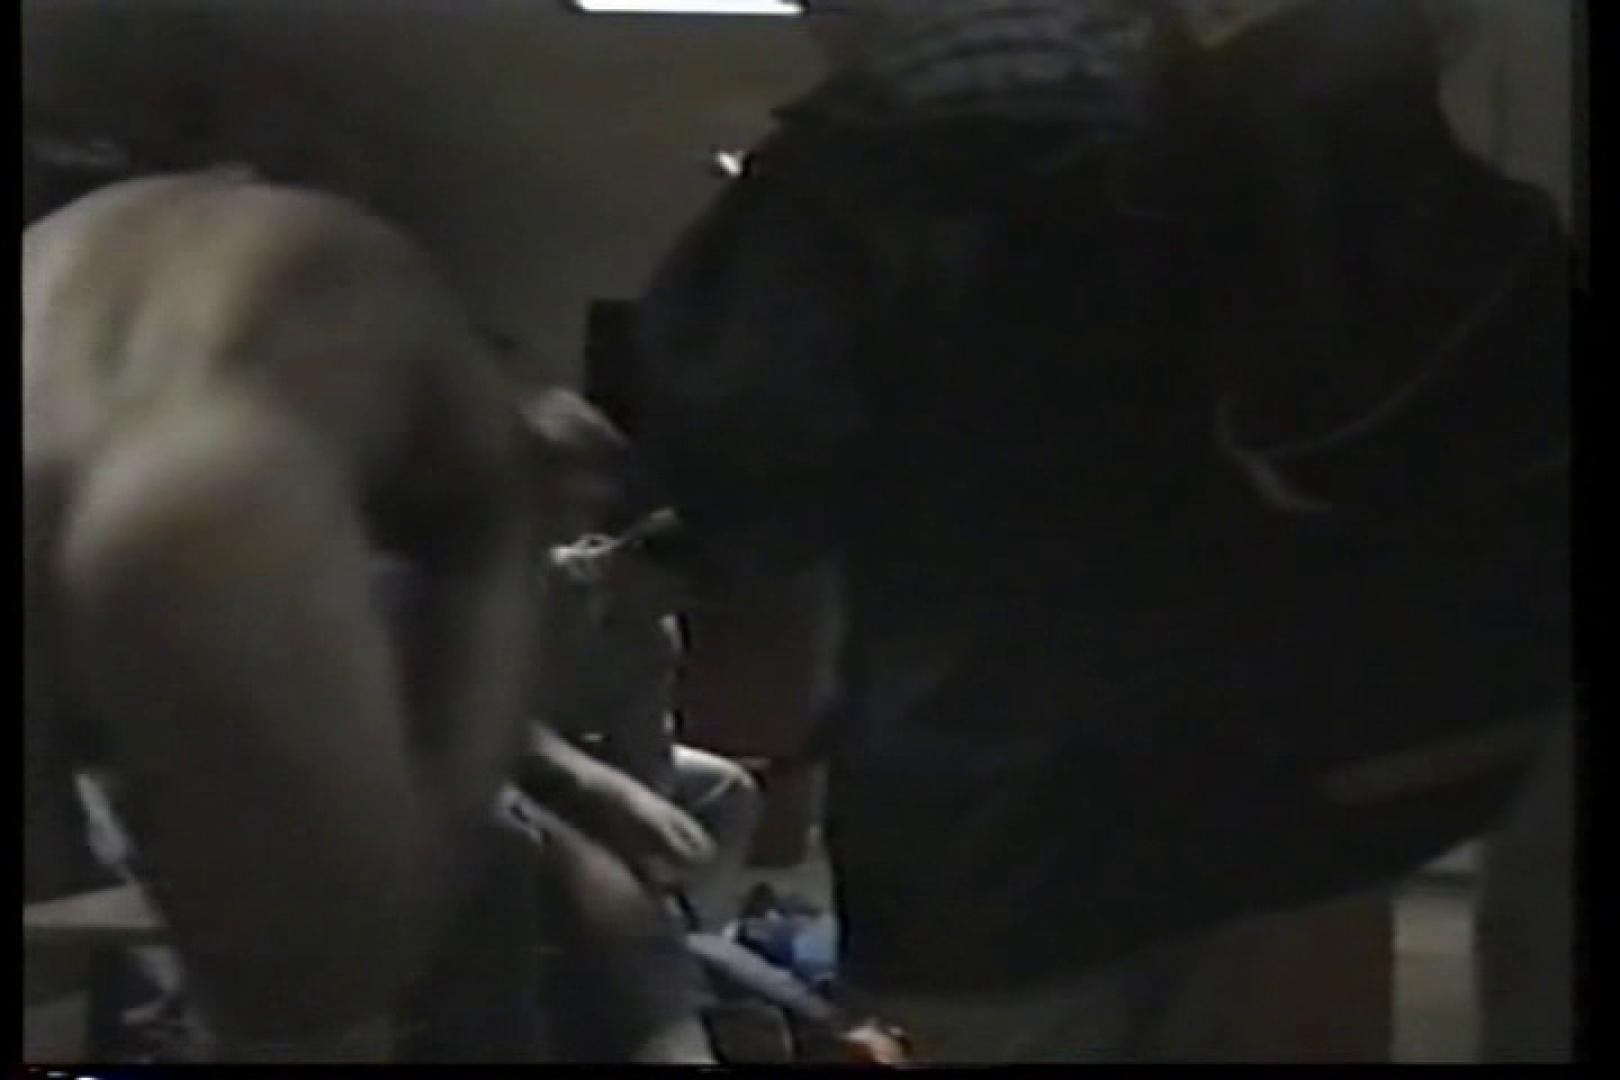 洋人さんの脱衣所を覗いてみました。VOL.3 男・男・男 男同士動画 92枚 38